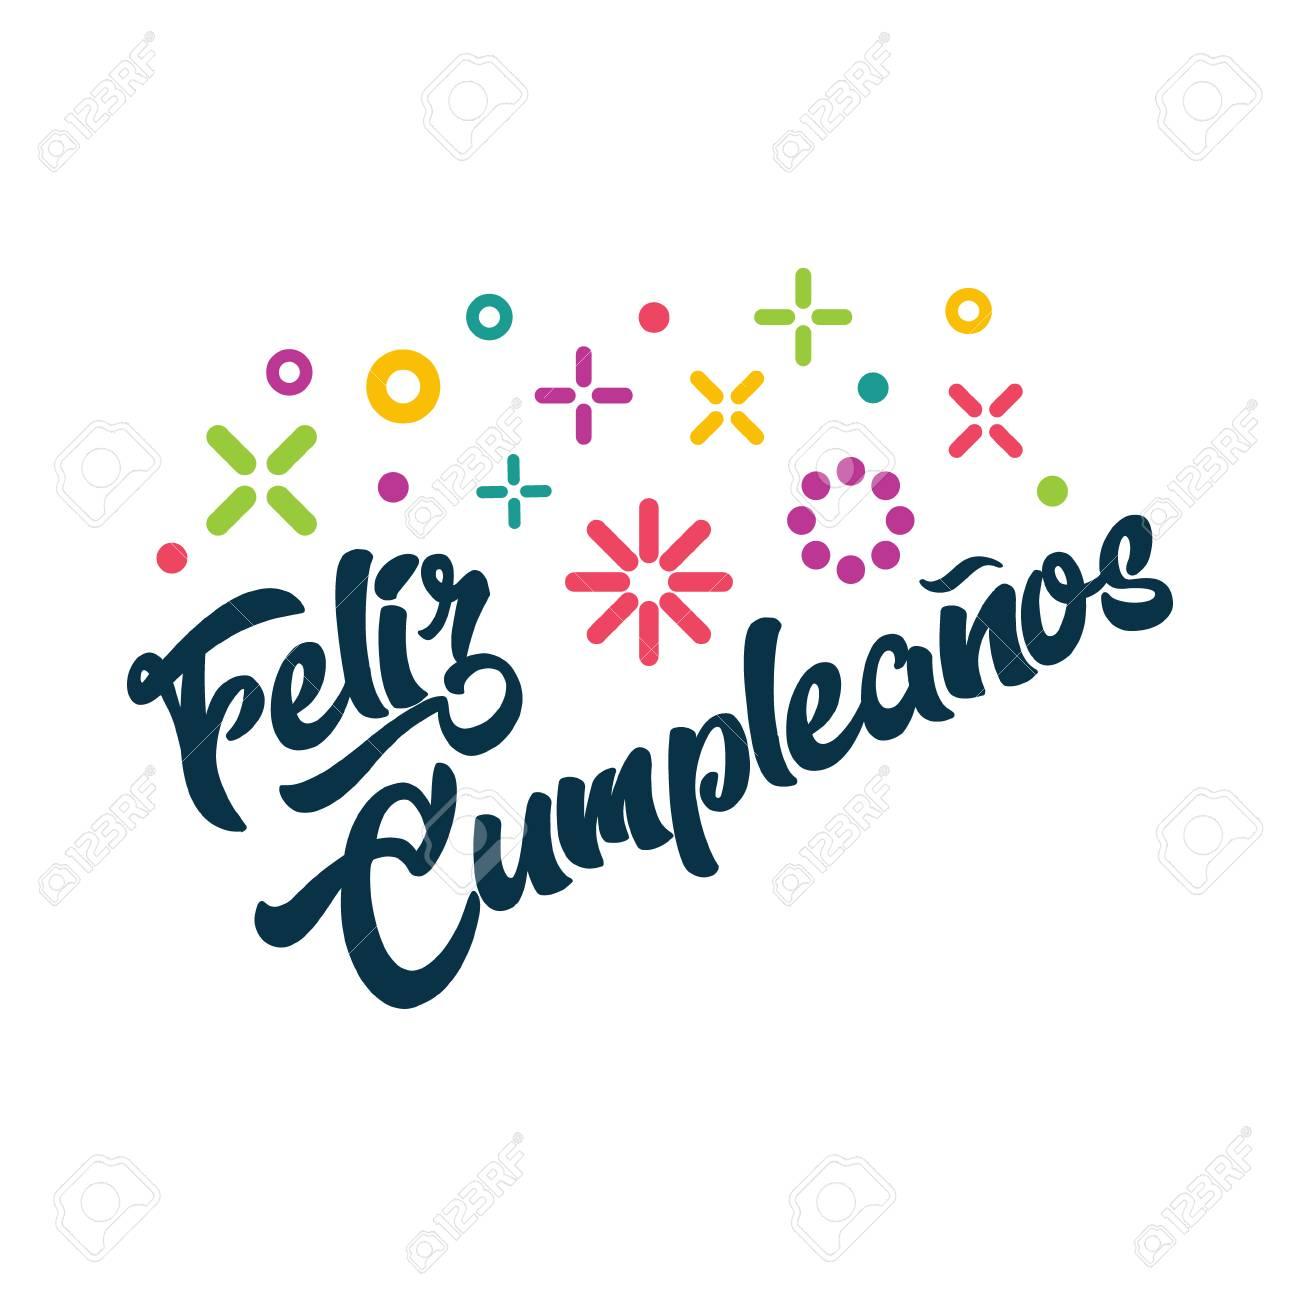 Feliz Cumpleanos Tarjeta De Invitación De Felicitación De Cumpleaños Feliz Español